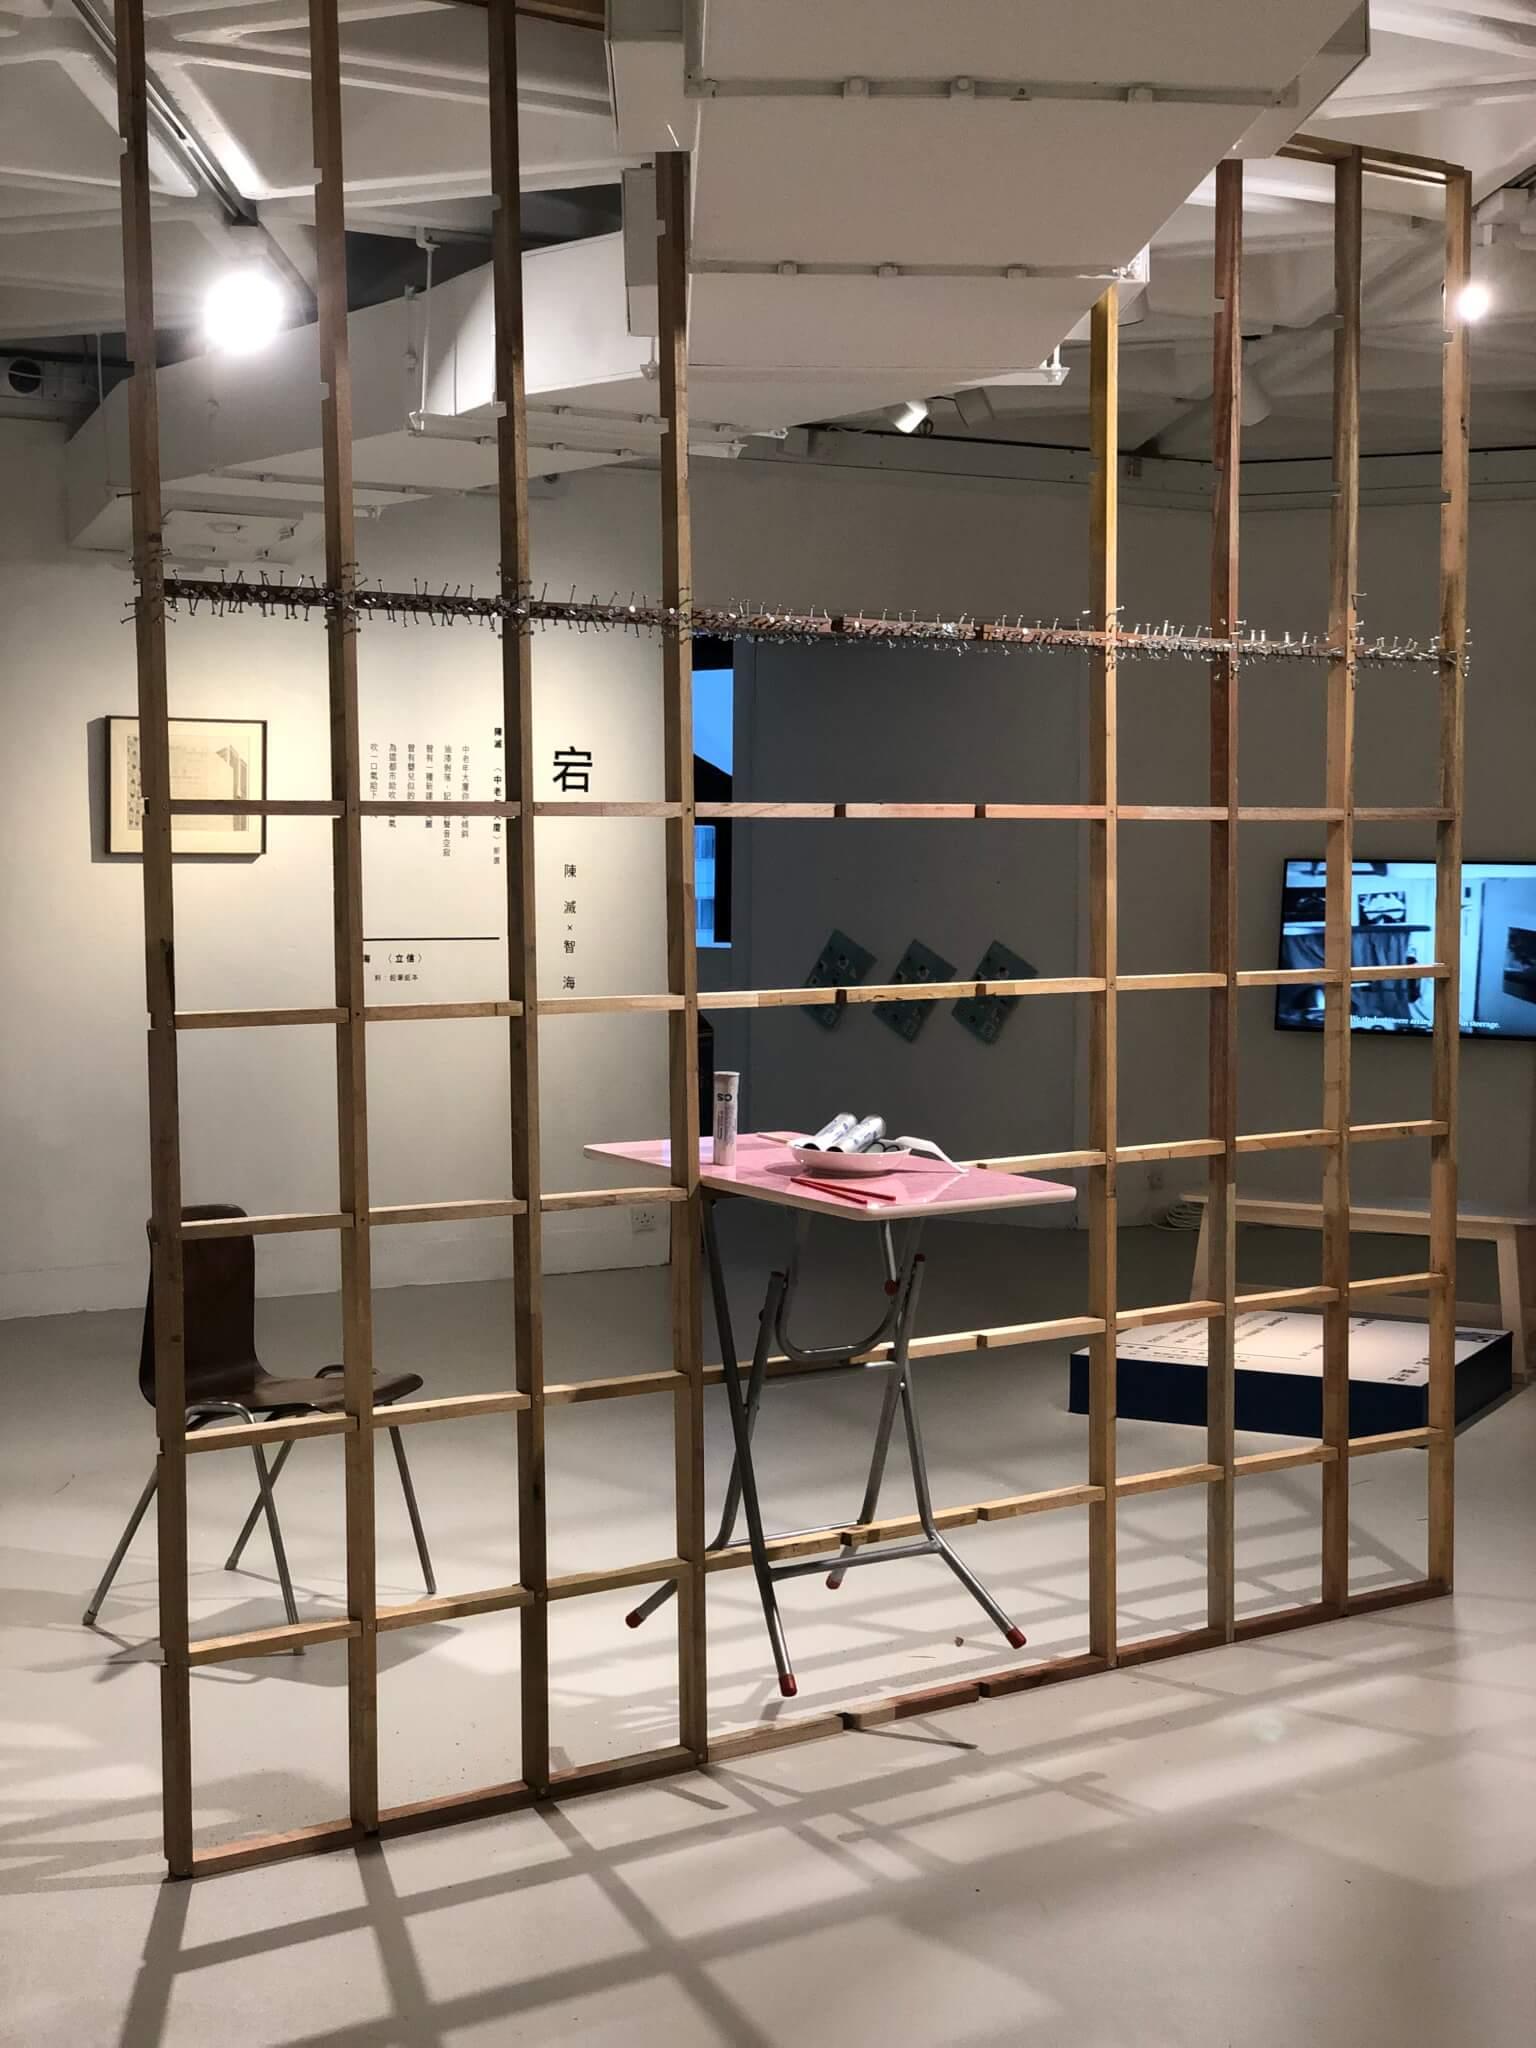 《香港原罪》在香港藝術中心展出,其時催淚彈殼尚未被警方取走。